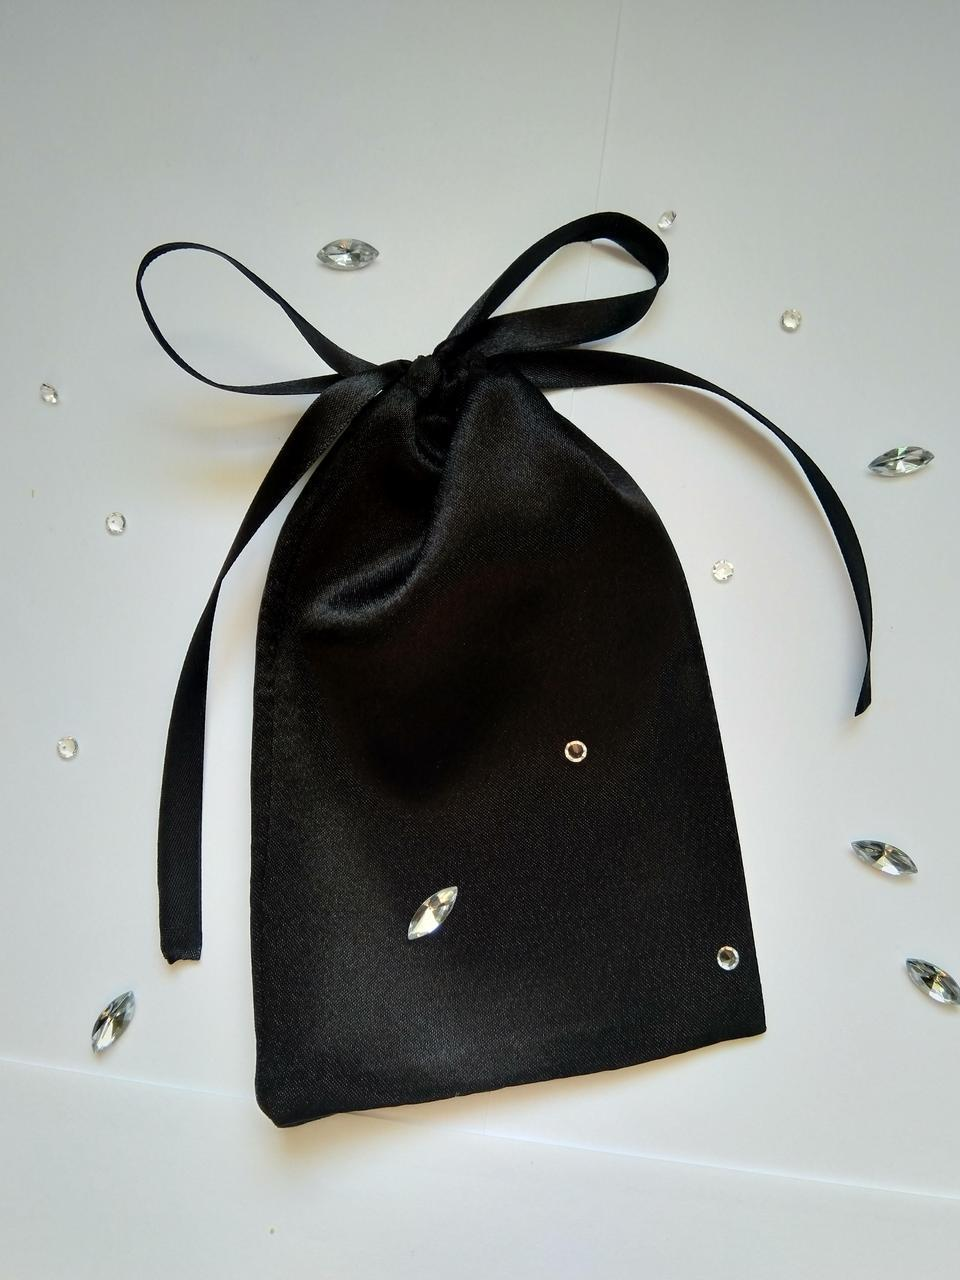 Мешочек для подарка из атласа 10 х 16 (Мешочек для упаковки подарка, подарочная упаковка) черный